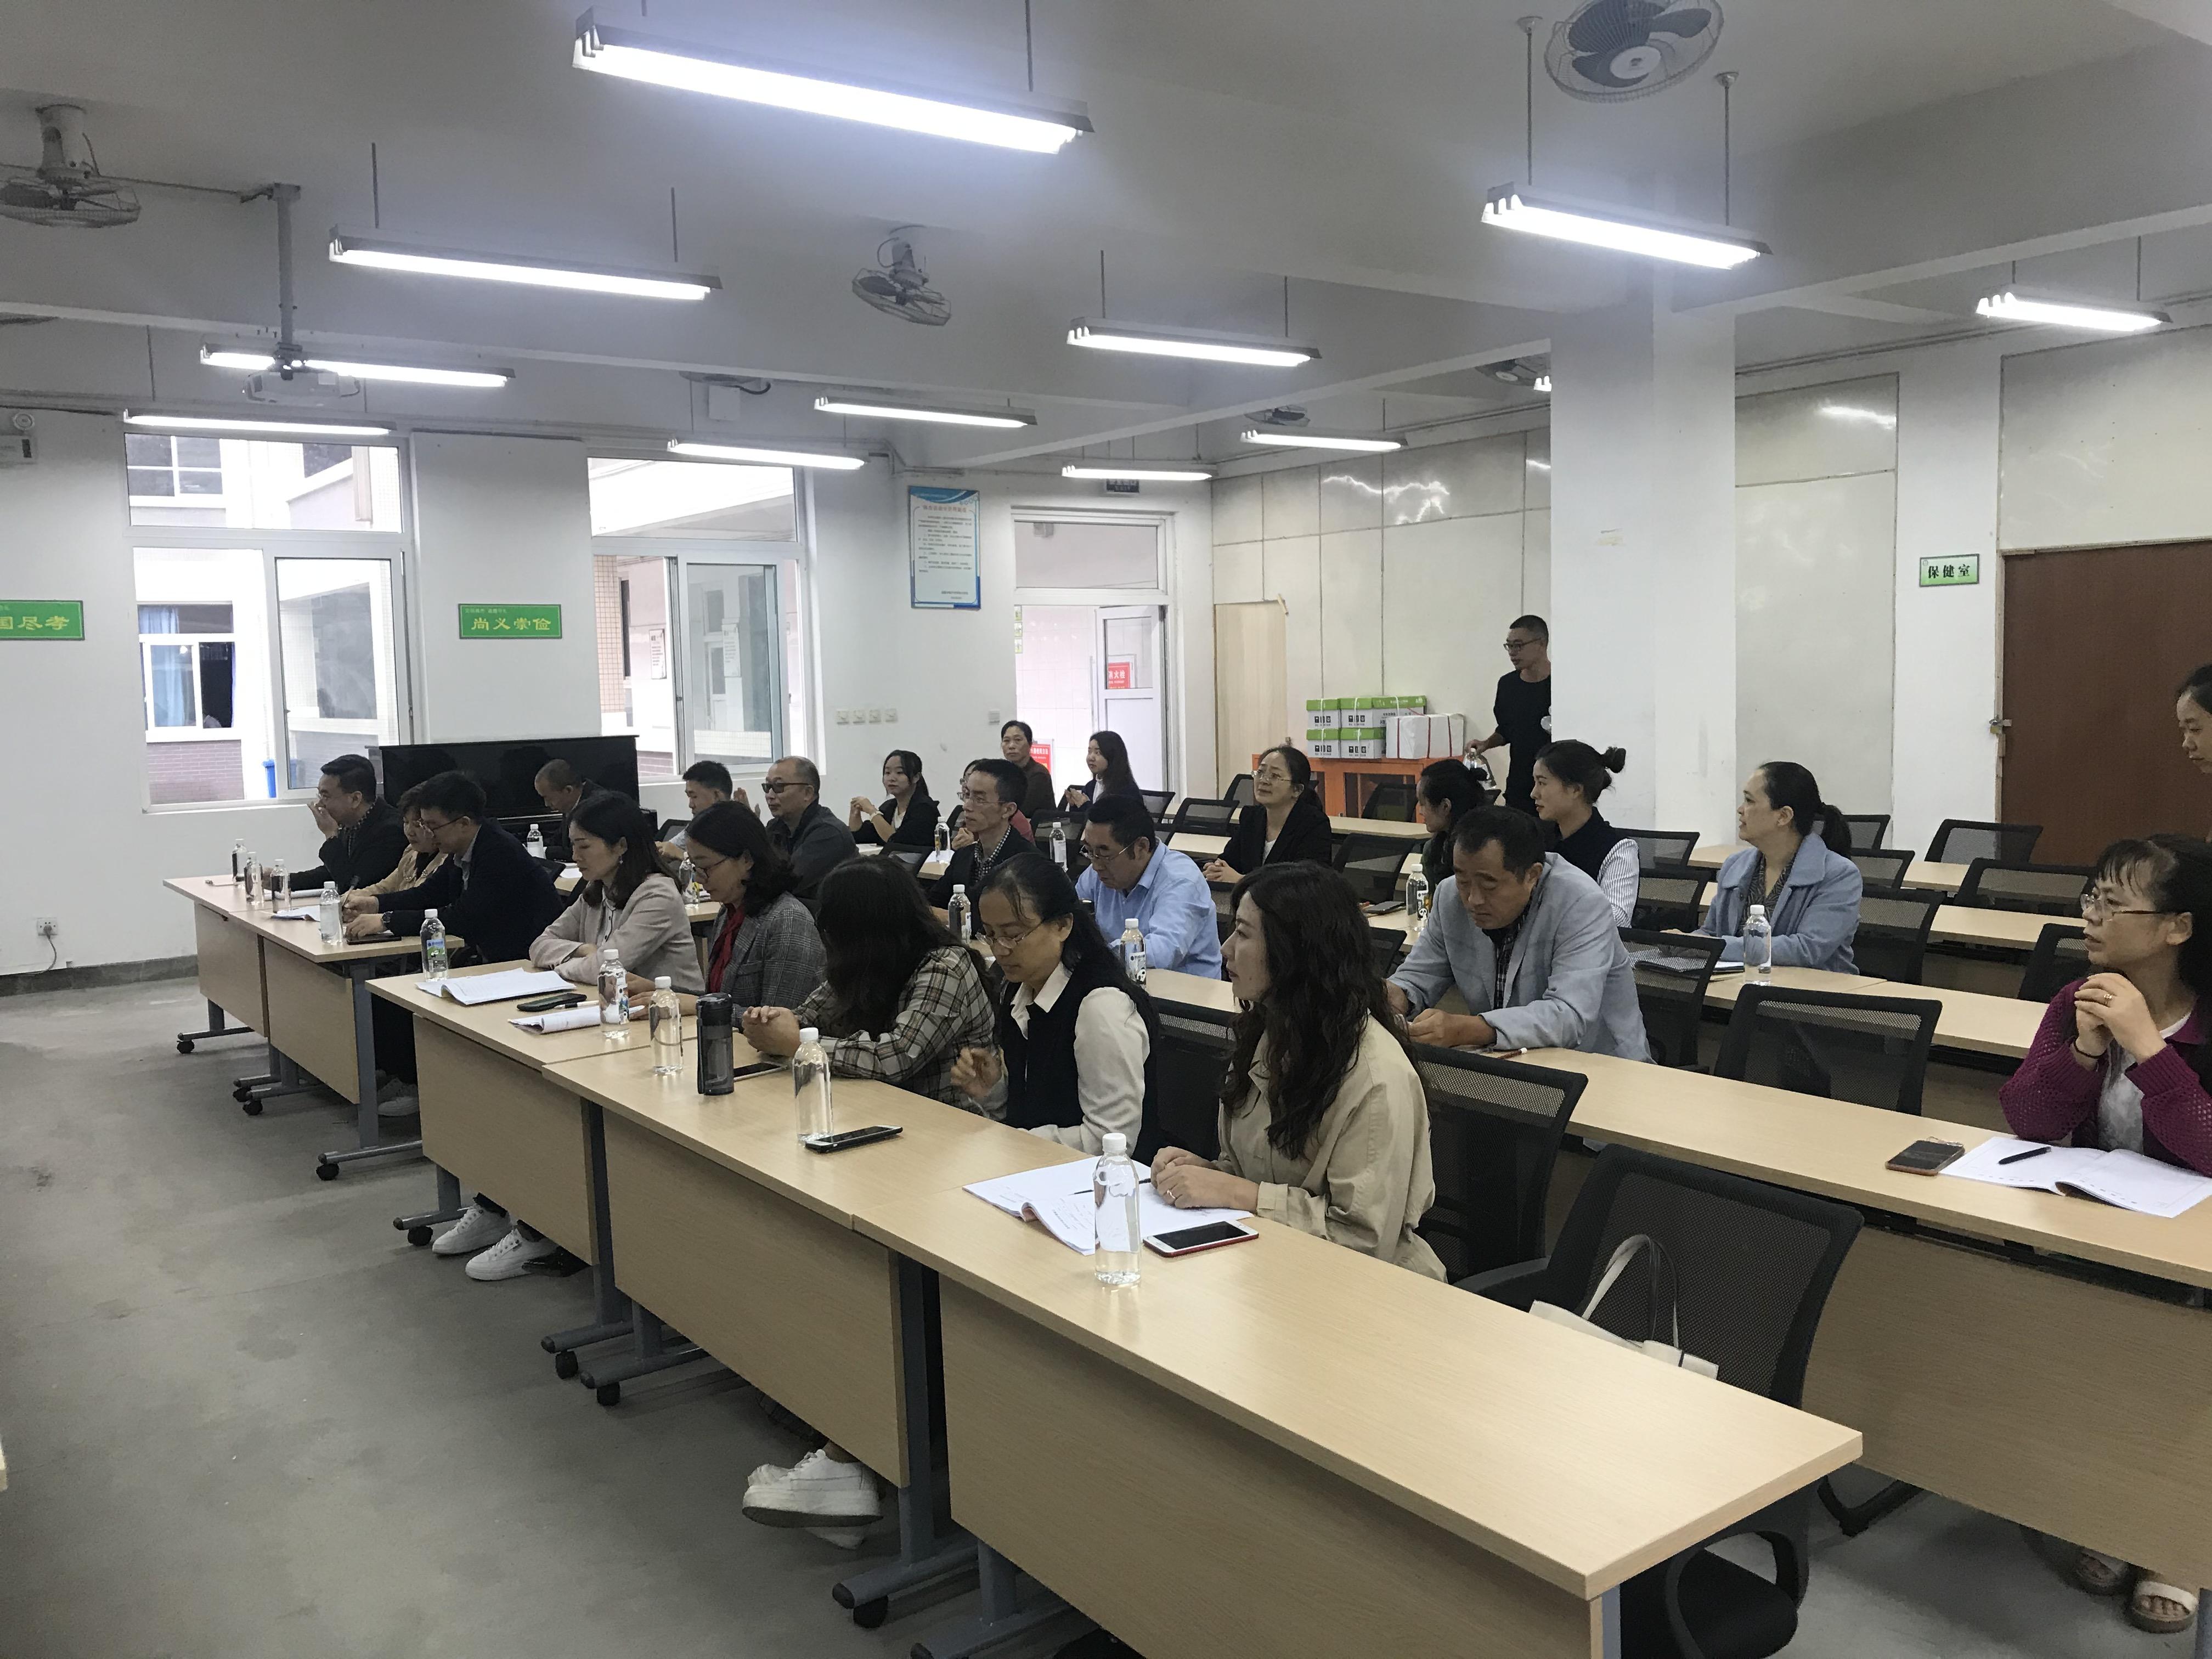 大邑县晋原初级中学与金星学校结对互助,联动发展